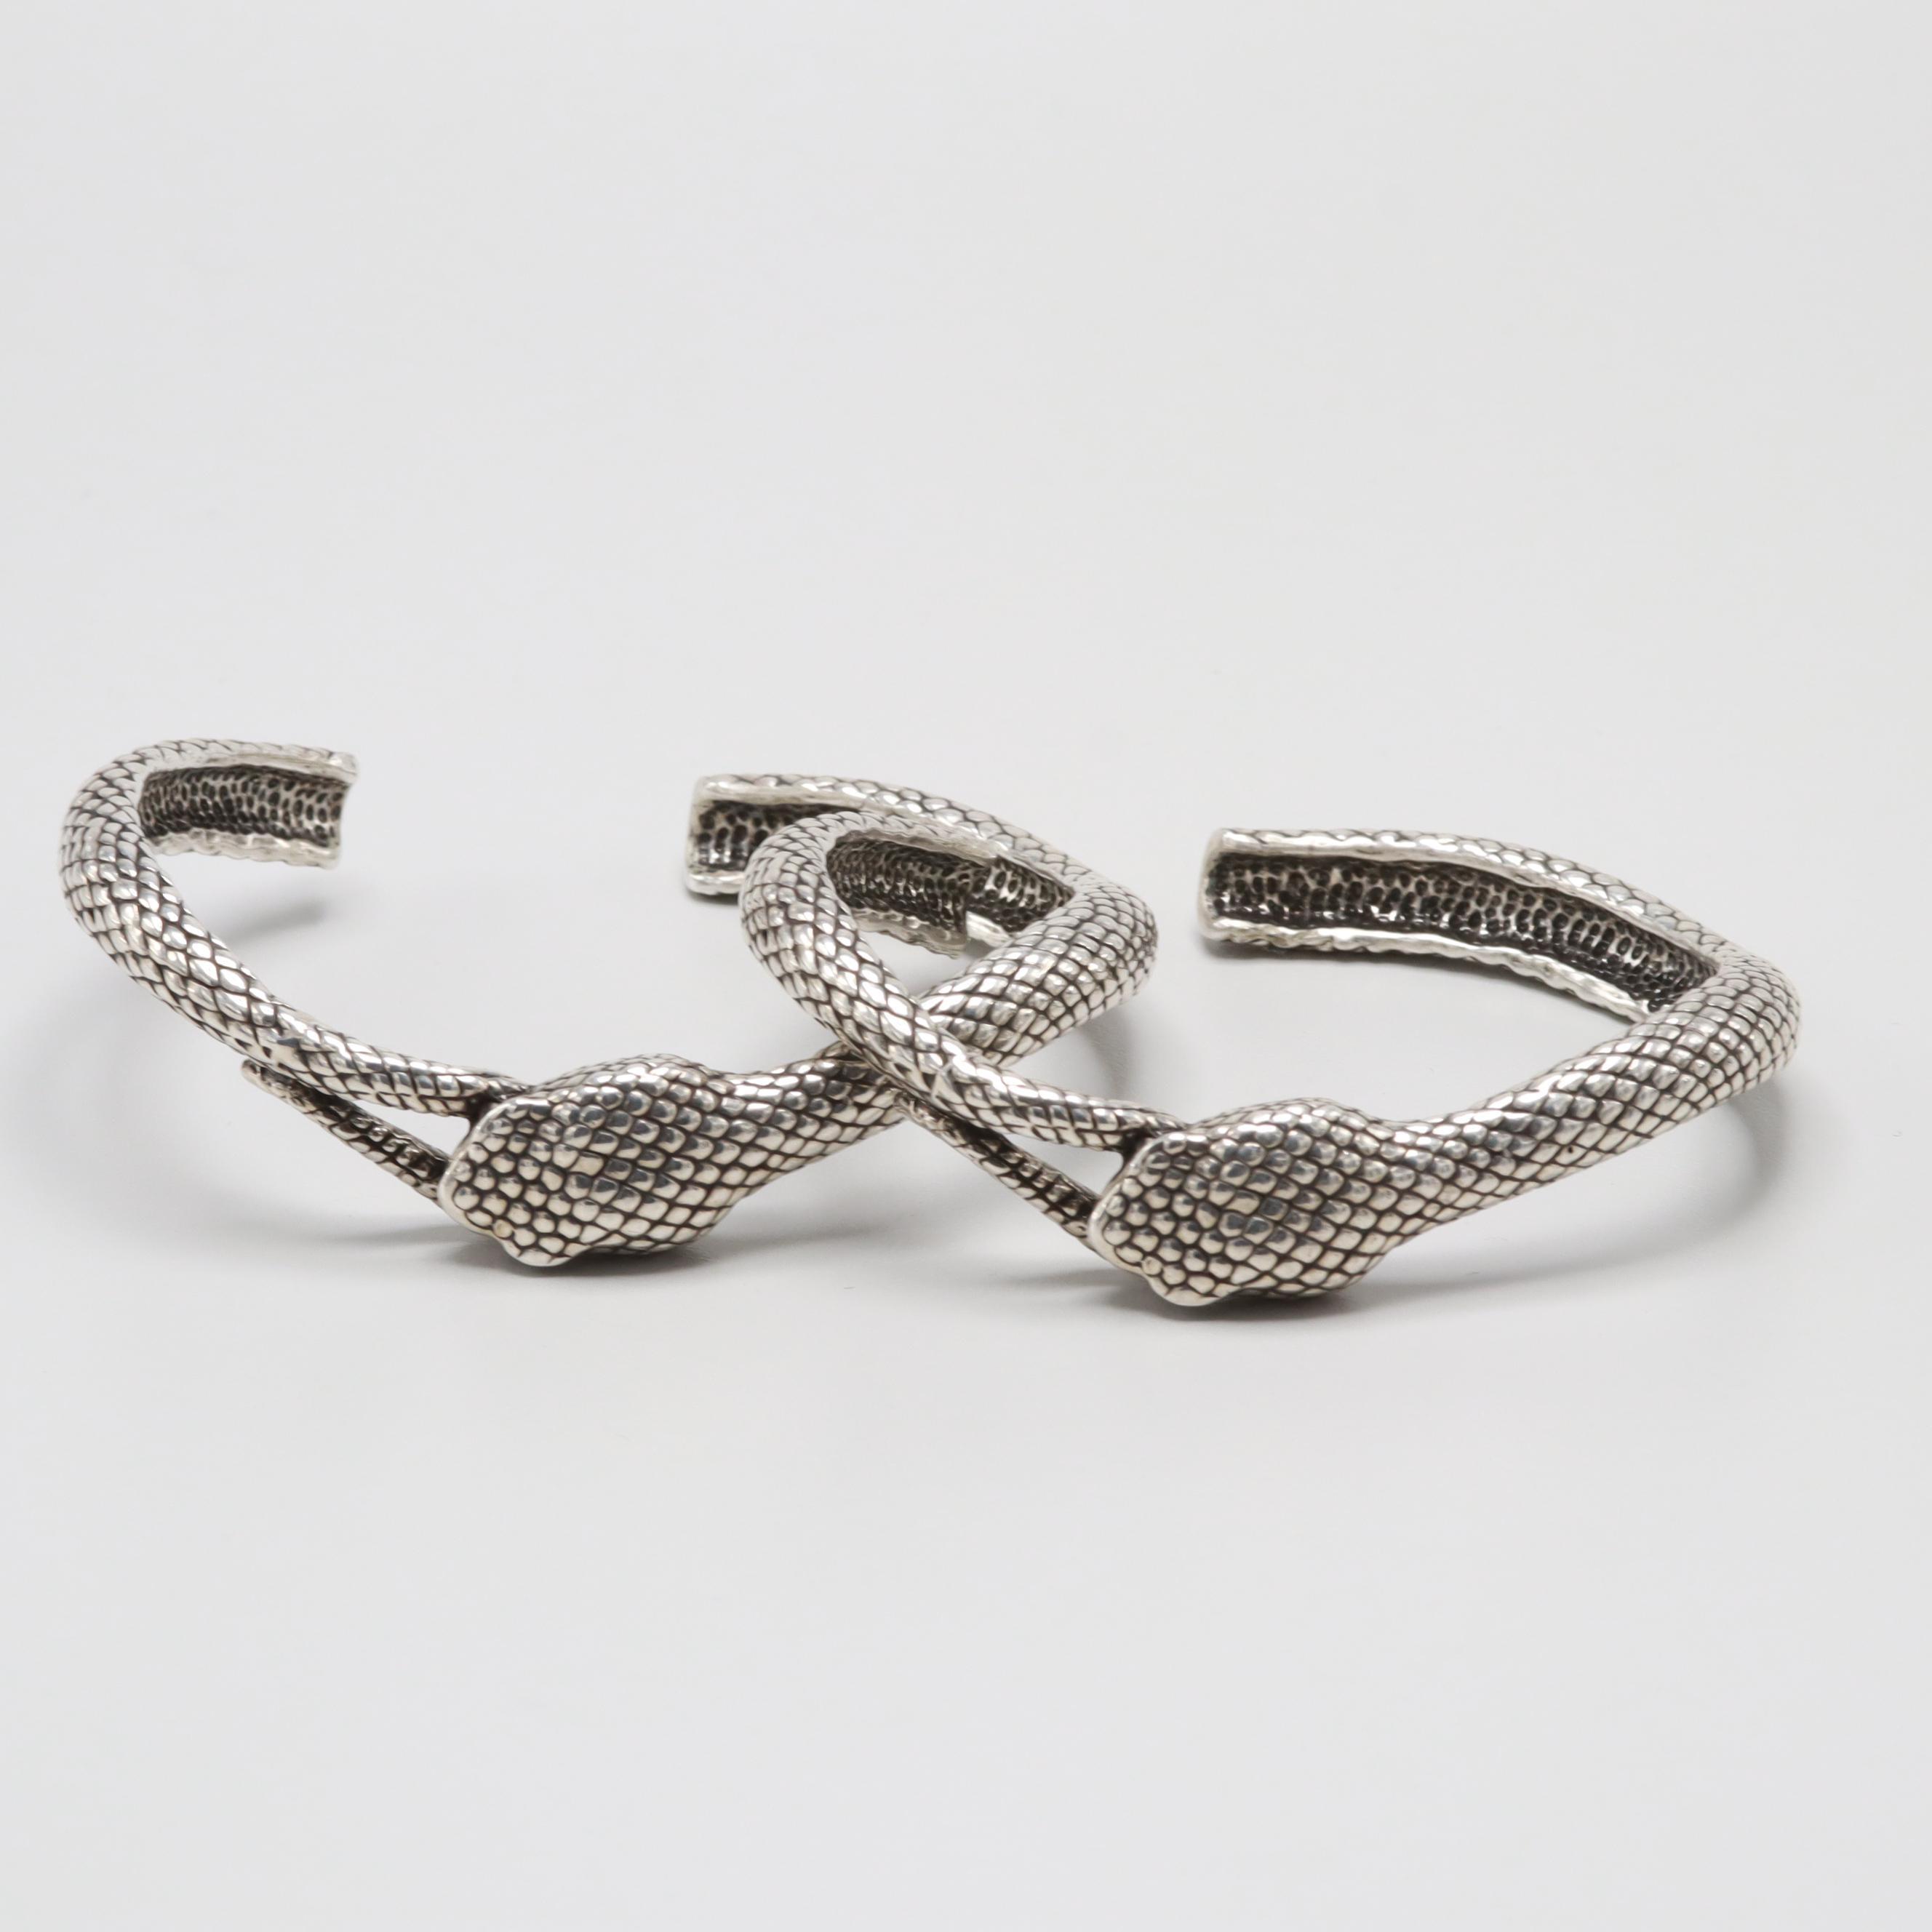 Sterling Silver Snake Motif Bracelets